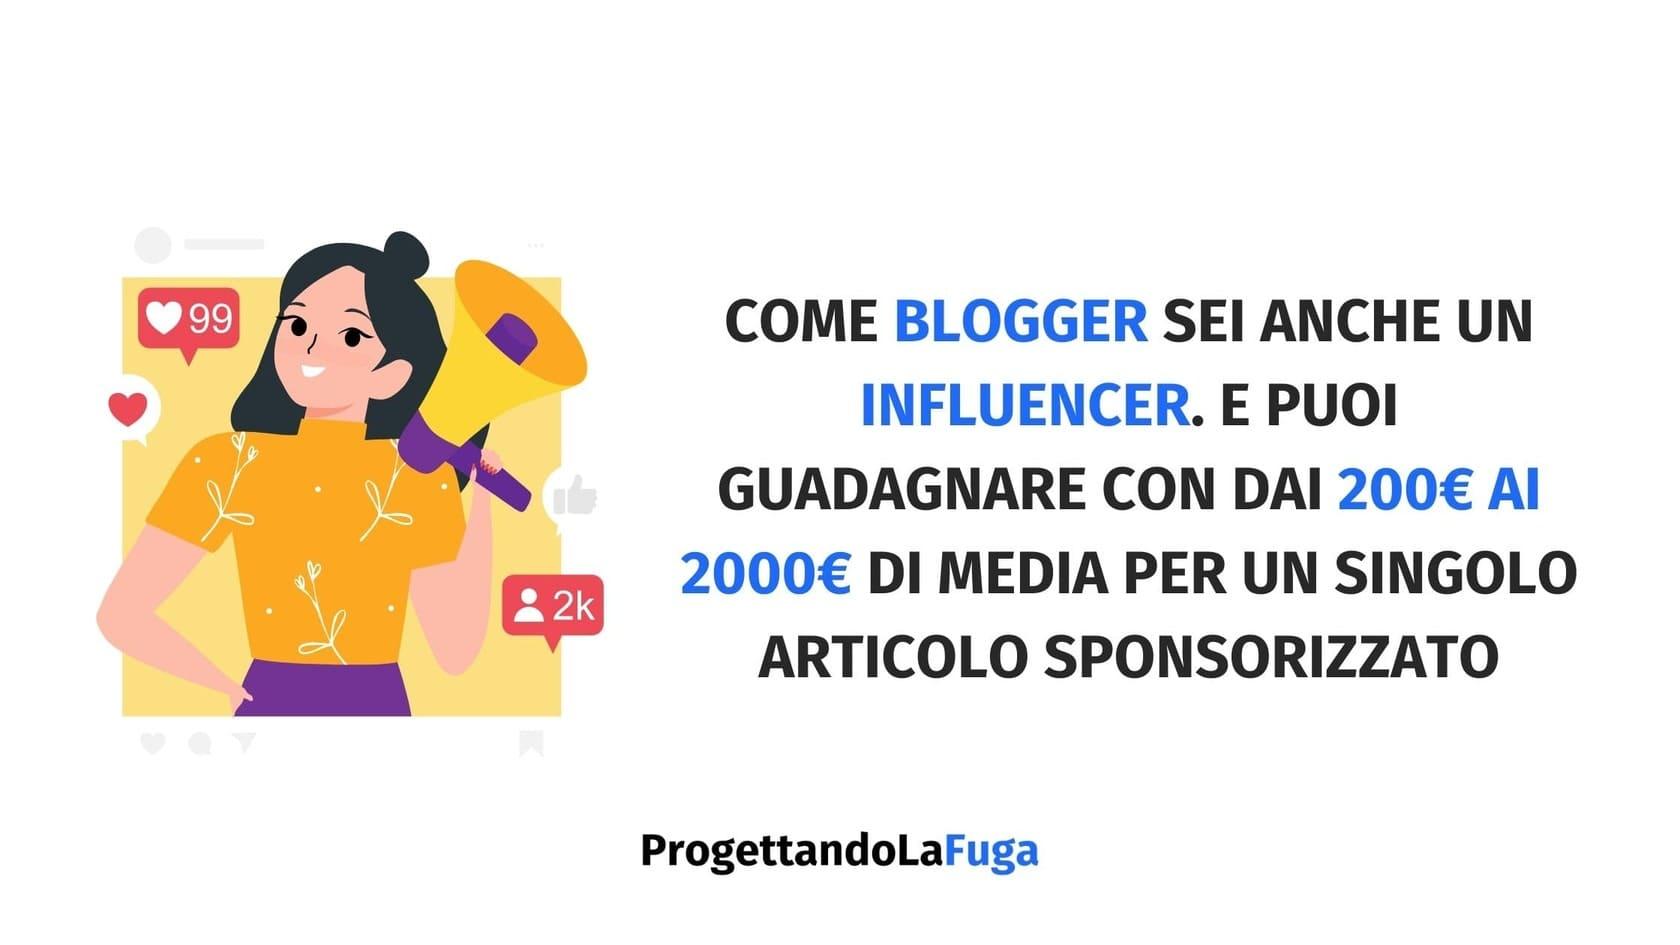 come guadagnare con un blog grazie ai post sponsorizzati